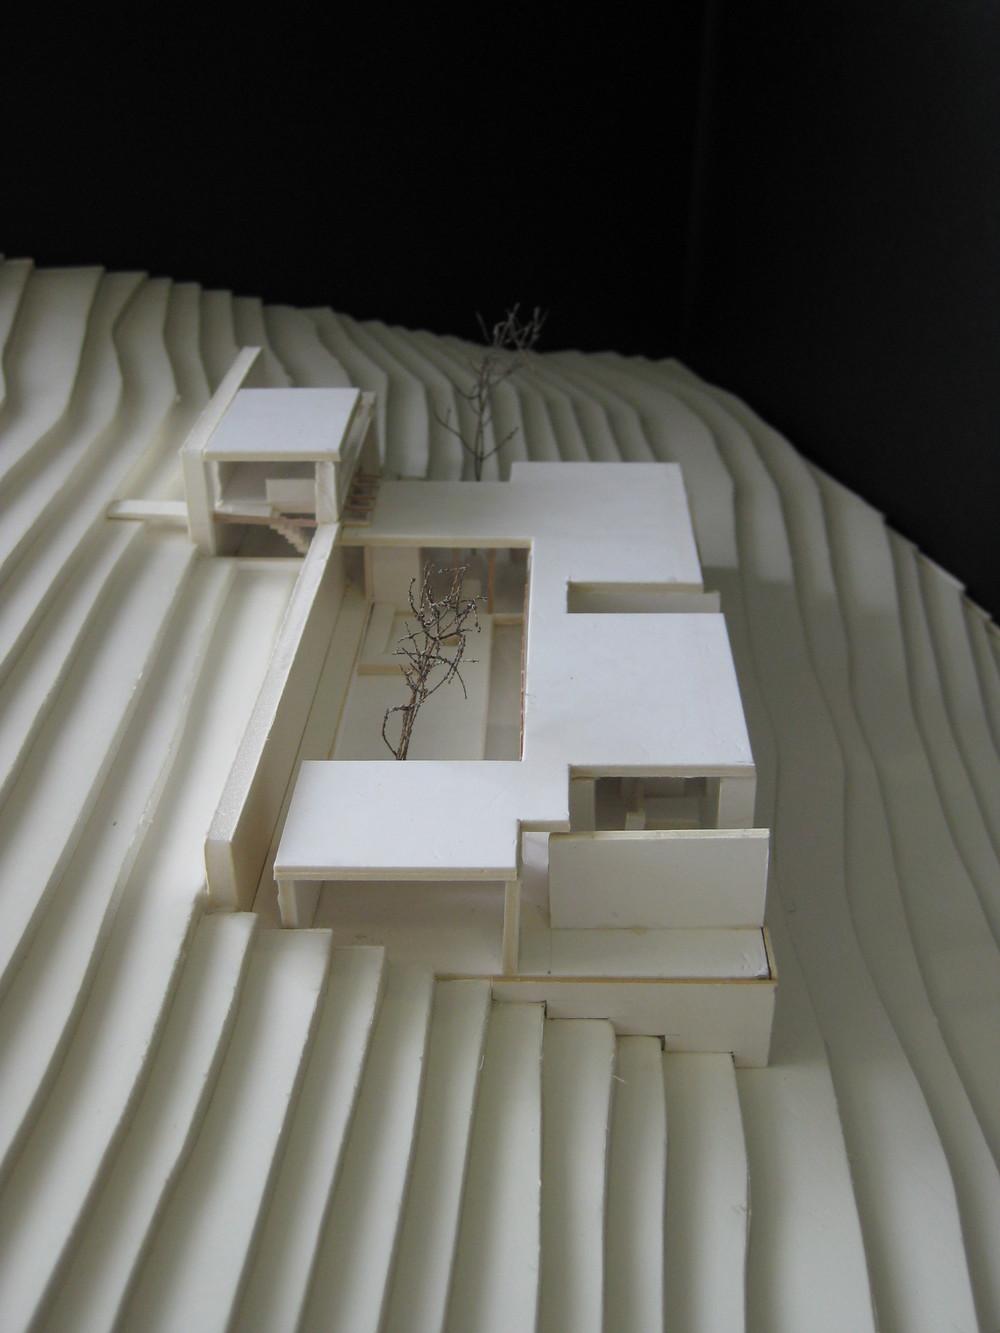 081031 house model 015.jpg